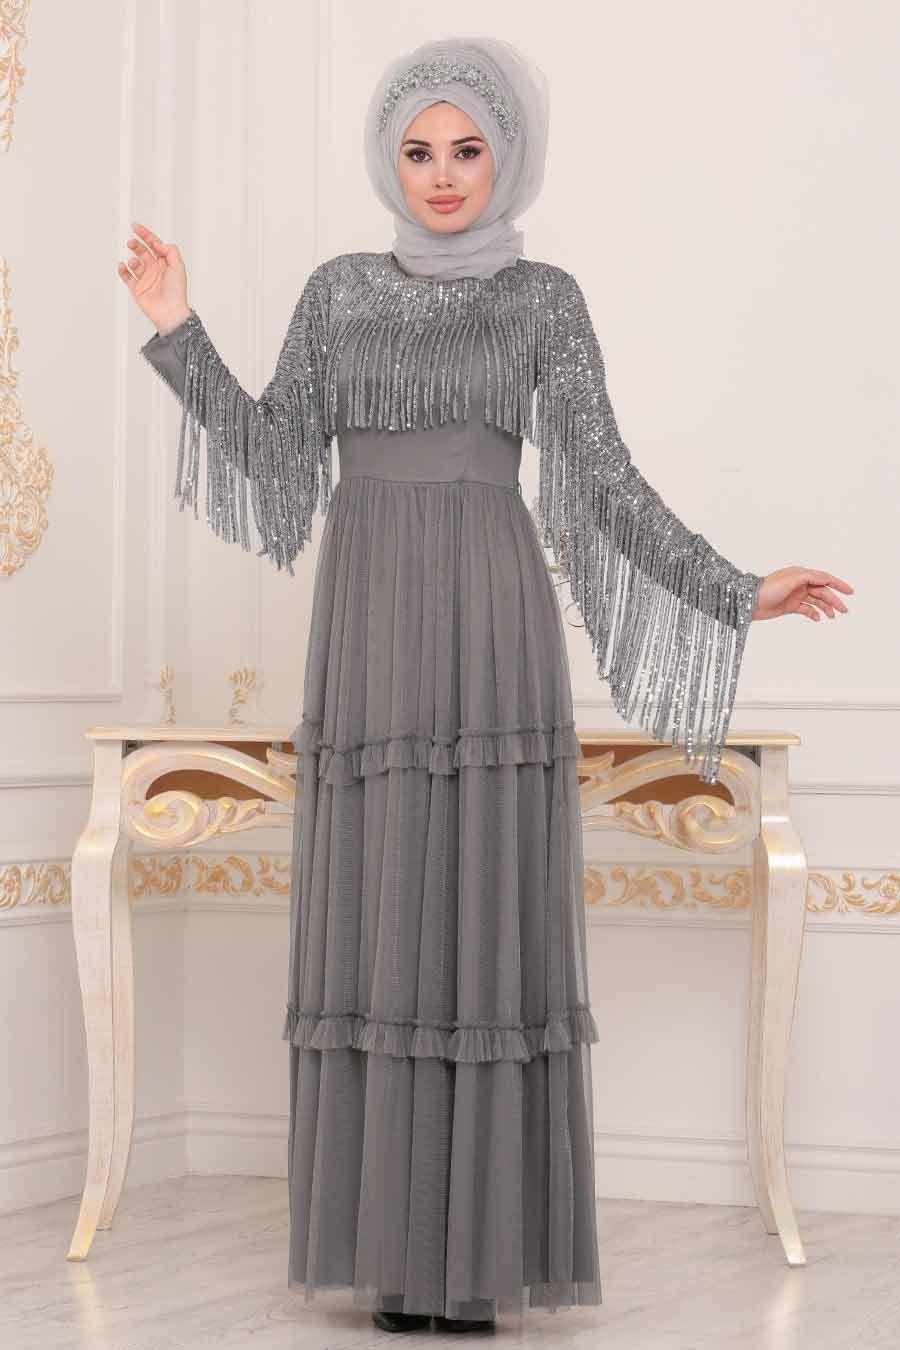 Tesetturlu Abiye Elbise Puskullu Gri Tesettur Abiye Elbise 3823gr Tesetturisland Com Elbise Victorian Elbiseler Elbiseler